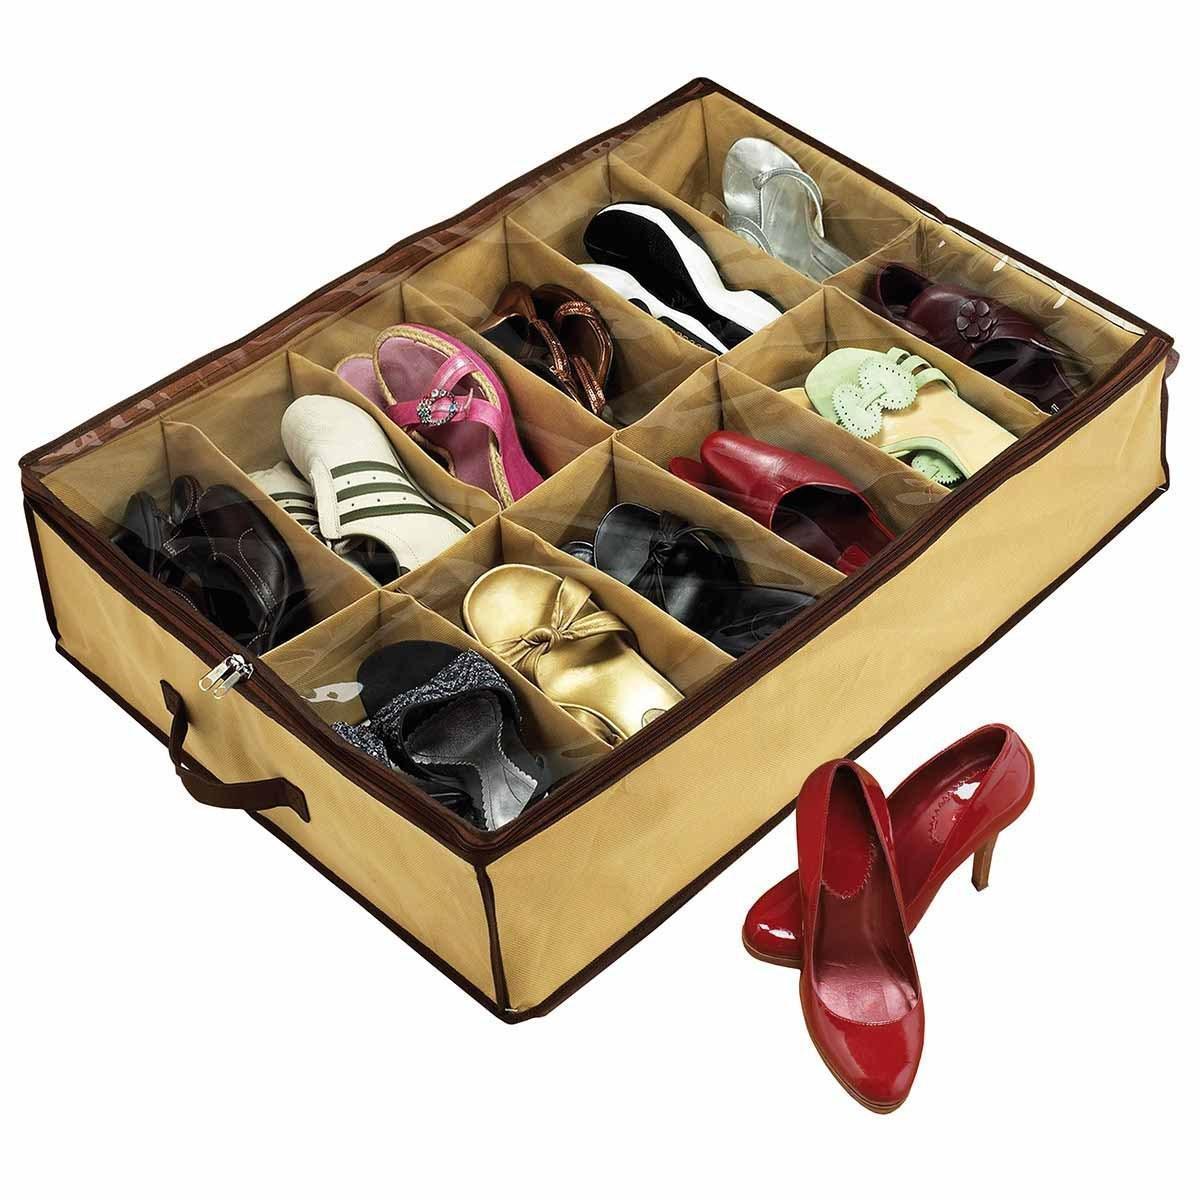 Органайзер для зберігання взуття Shoes Under (Шуз Андер)